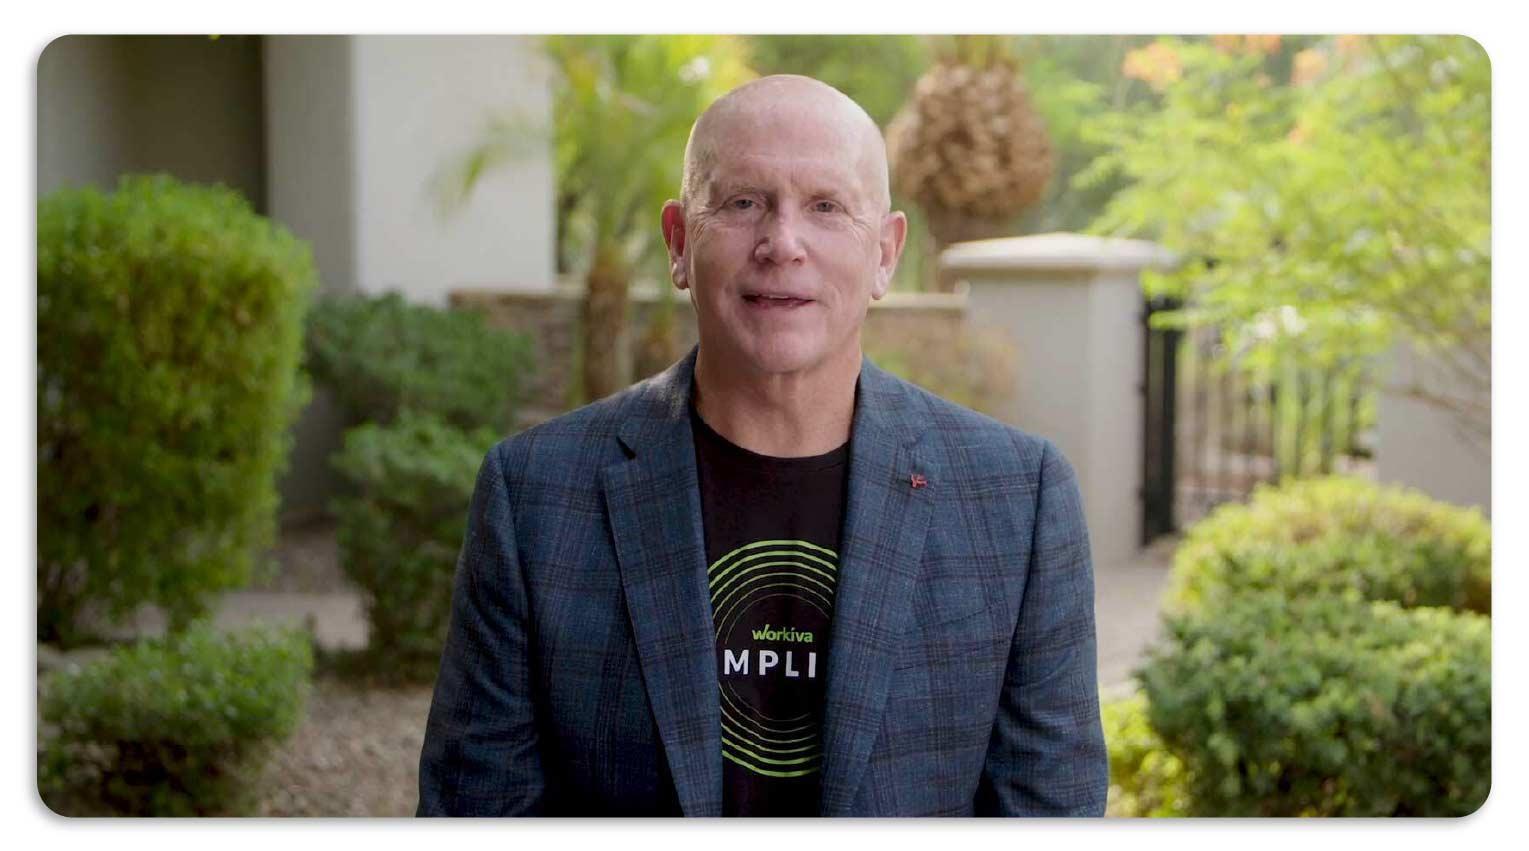 Workiva CEO Marty Vanderploeg